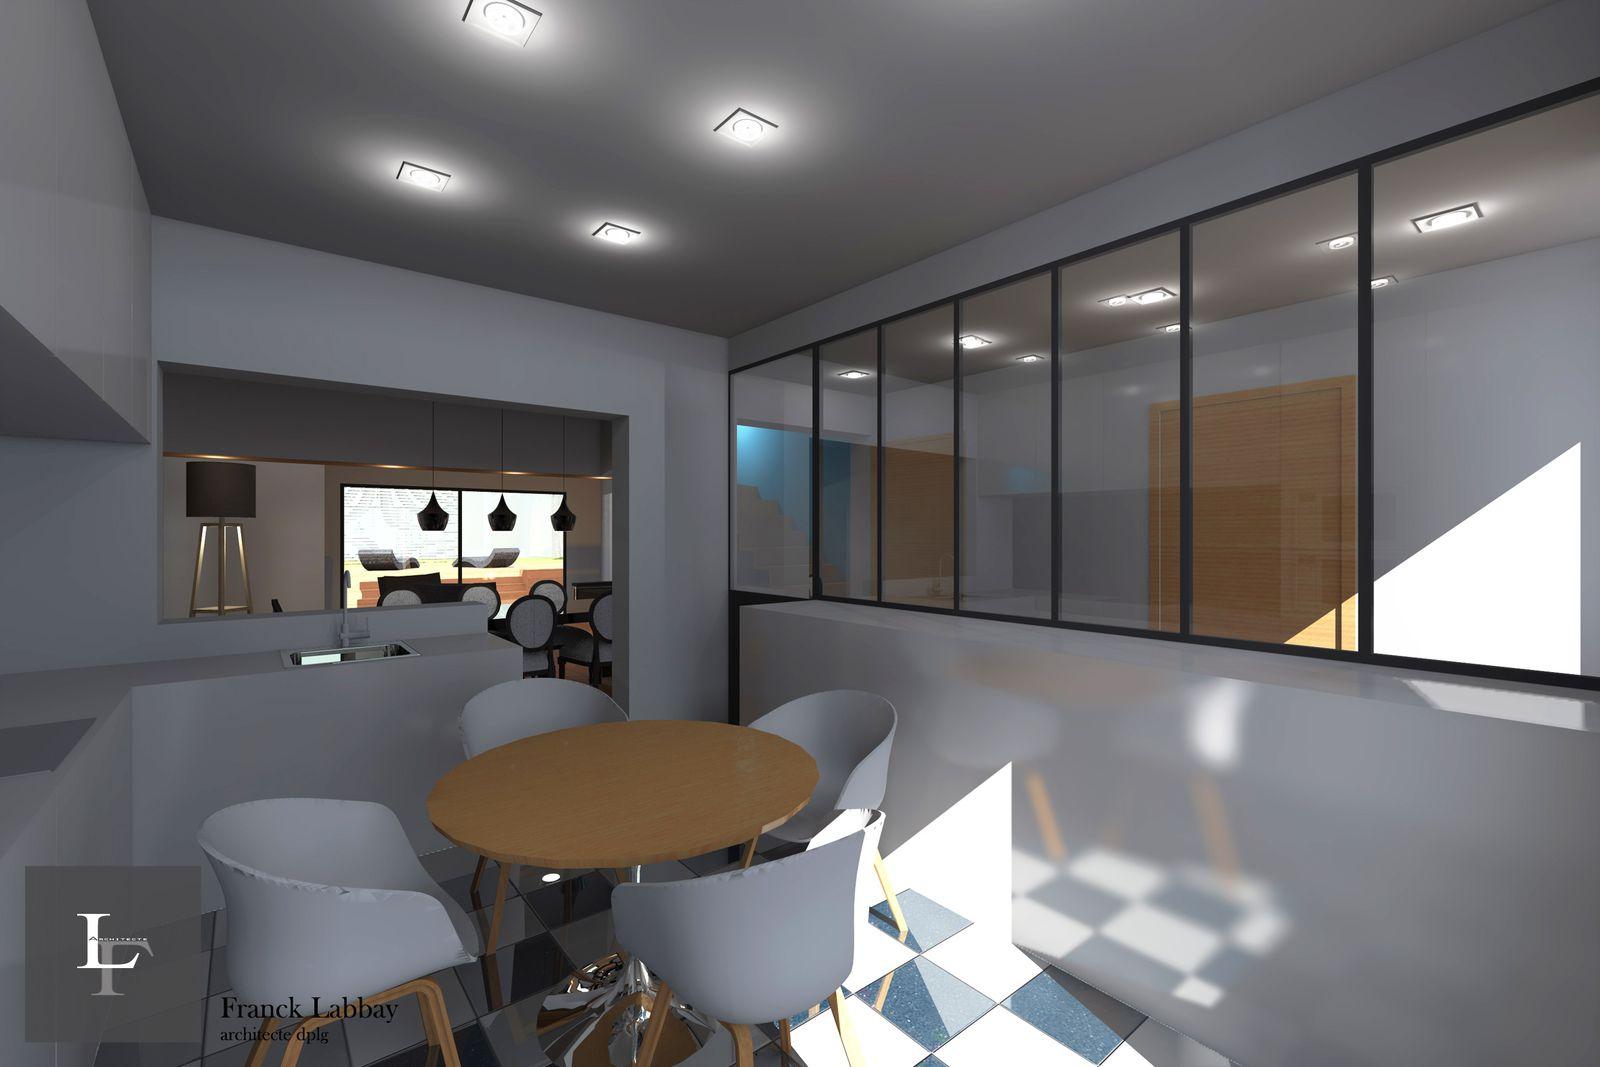 album maison r extension et renovation rennes franck. Black Bedroom Furniture Sets. Home Design Ideas